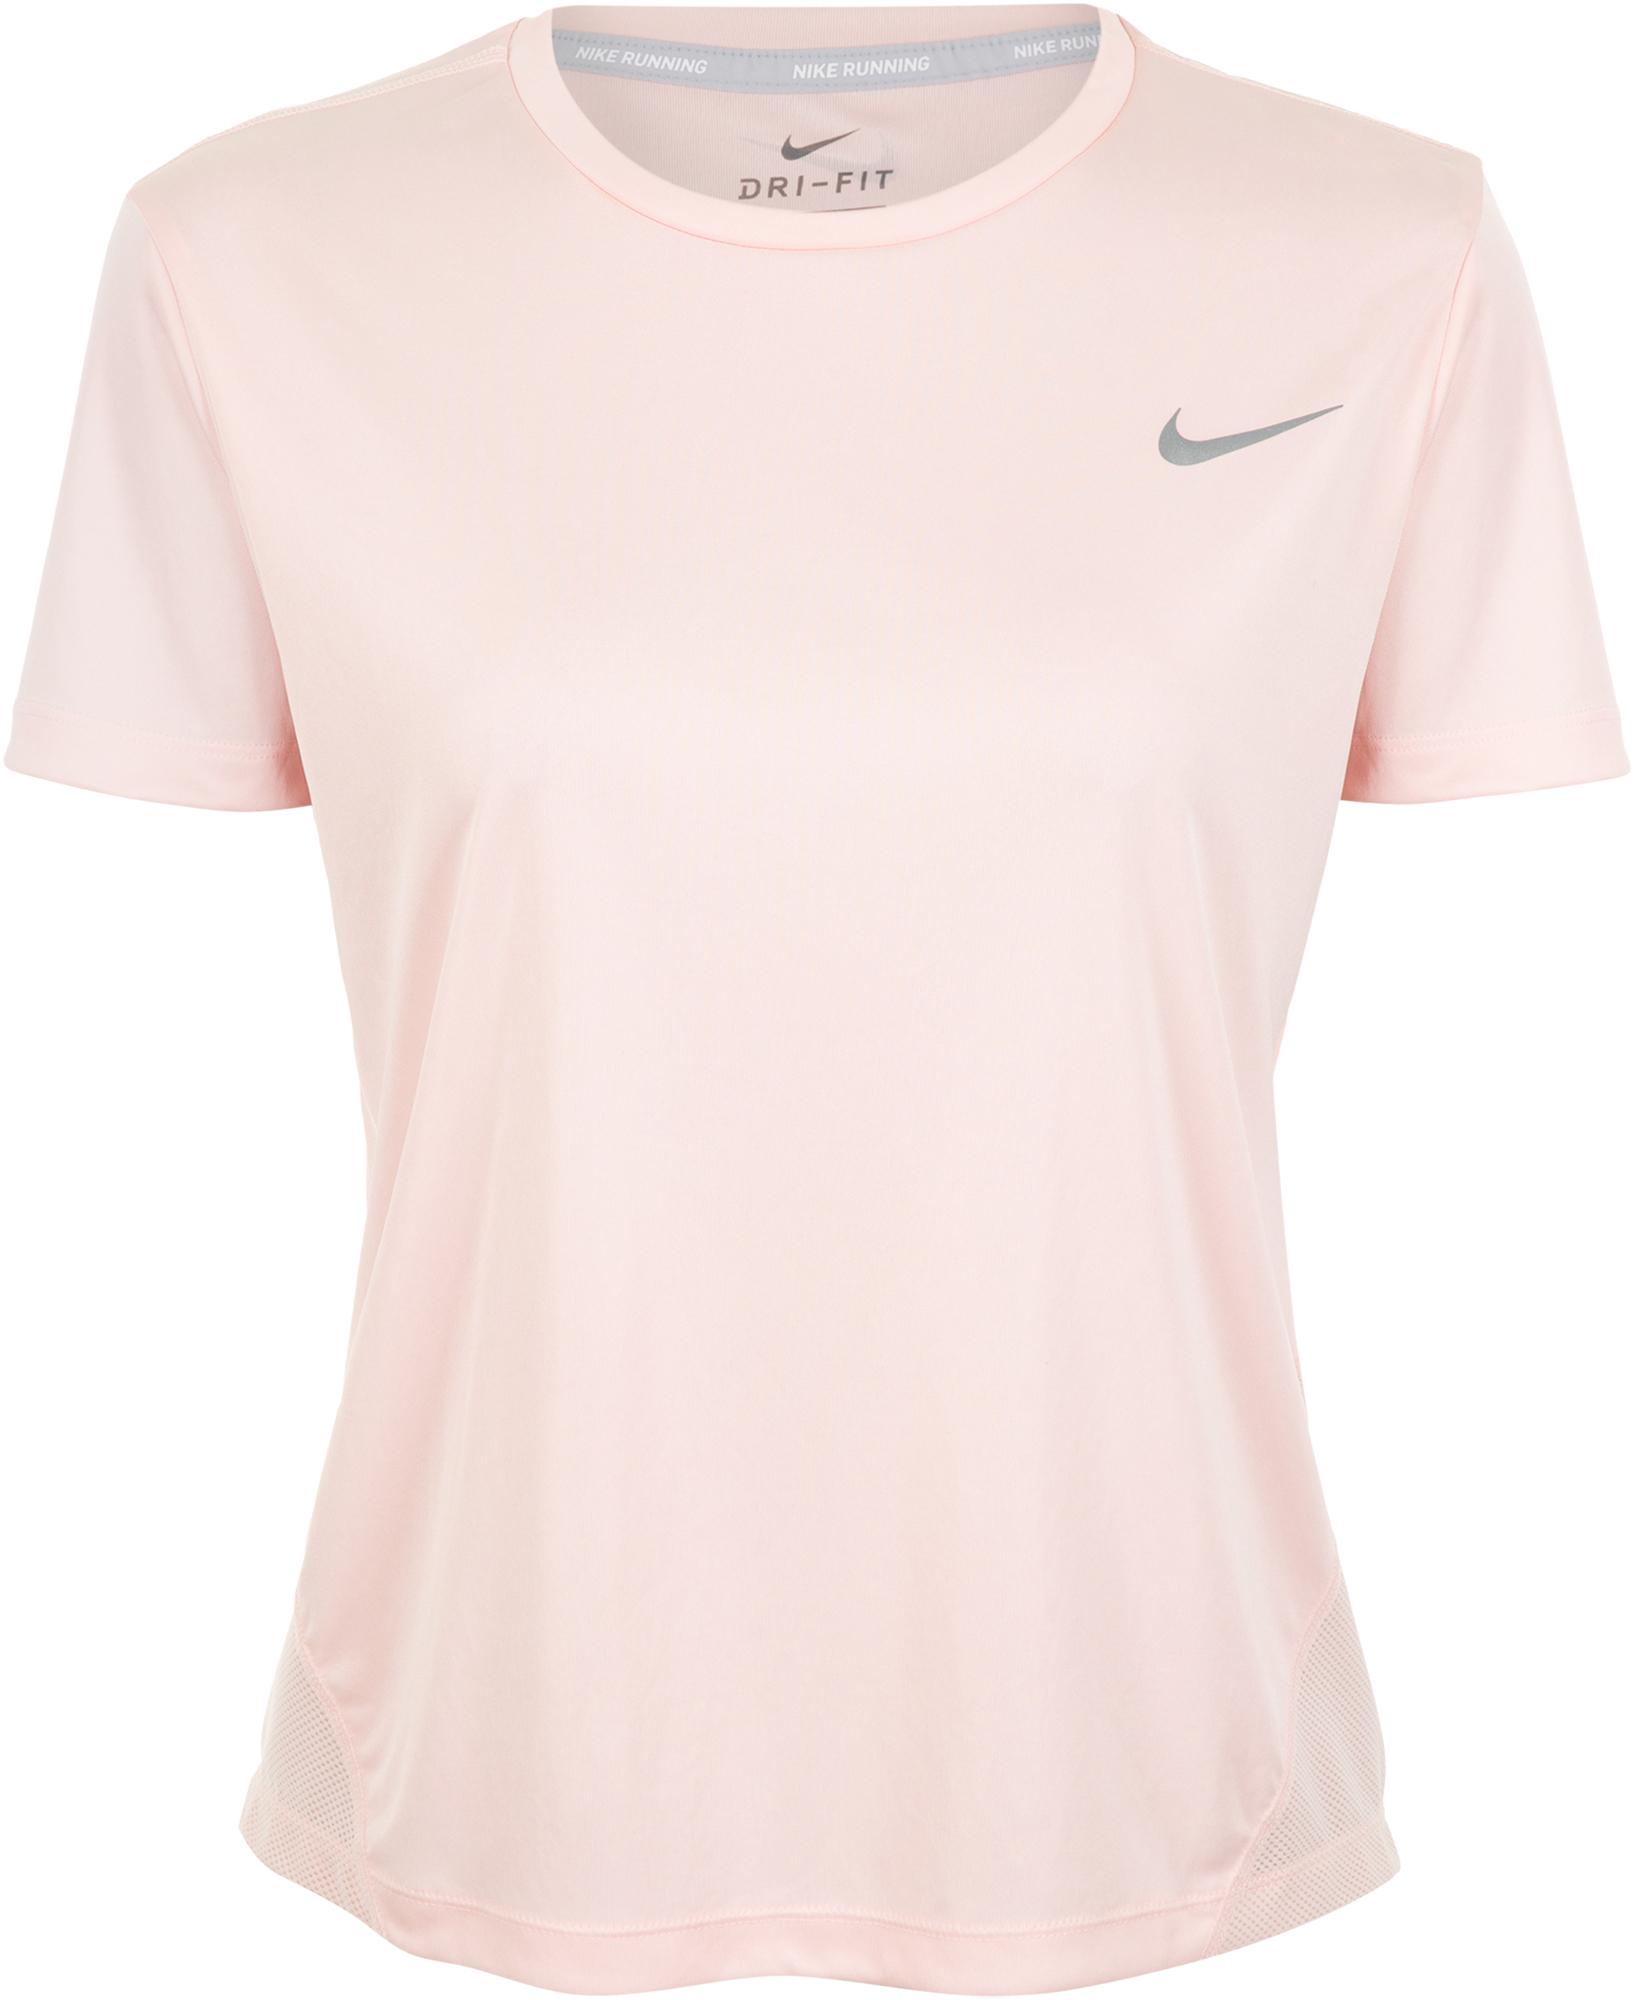 Nike Футболка женская Nike Miler, размер 48-50 nike майка женская nike размер 48 50